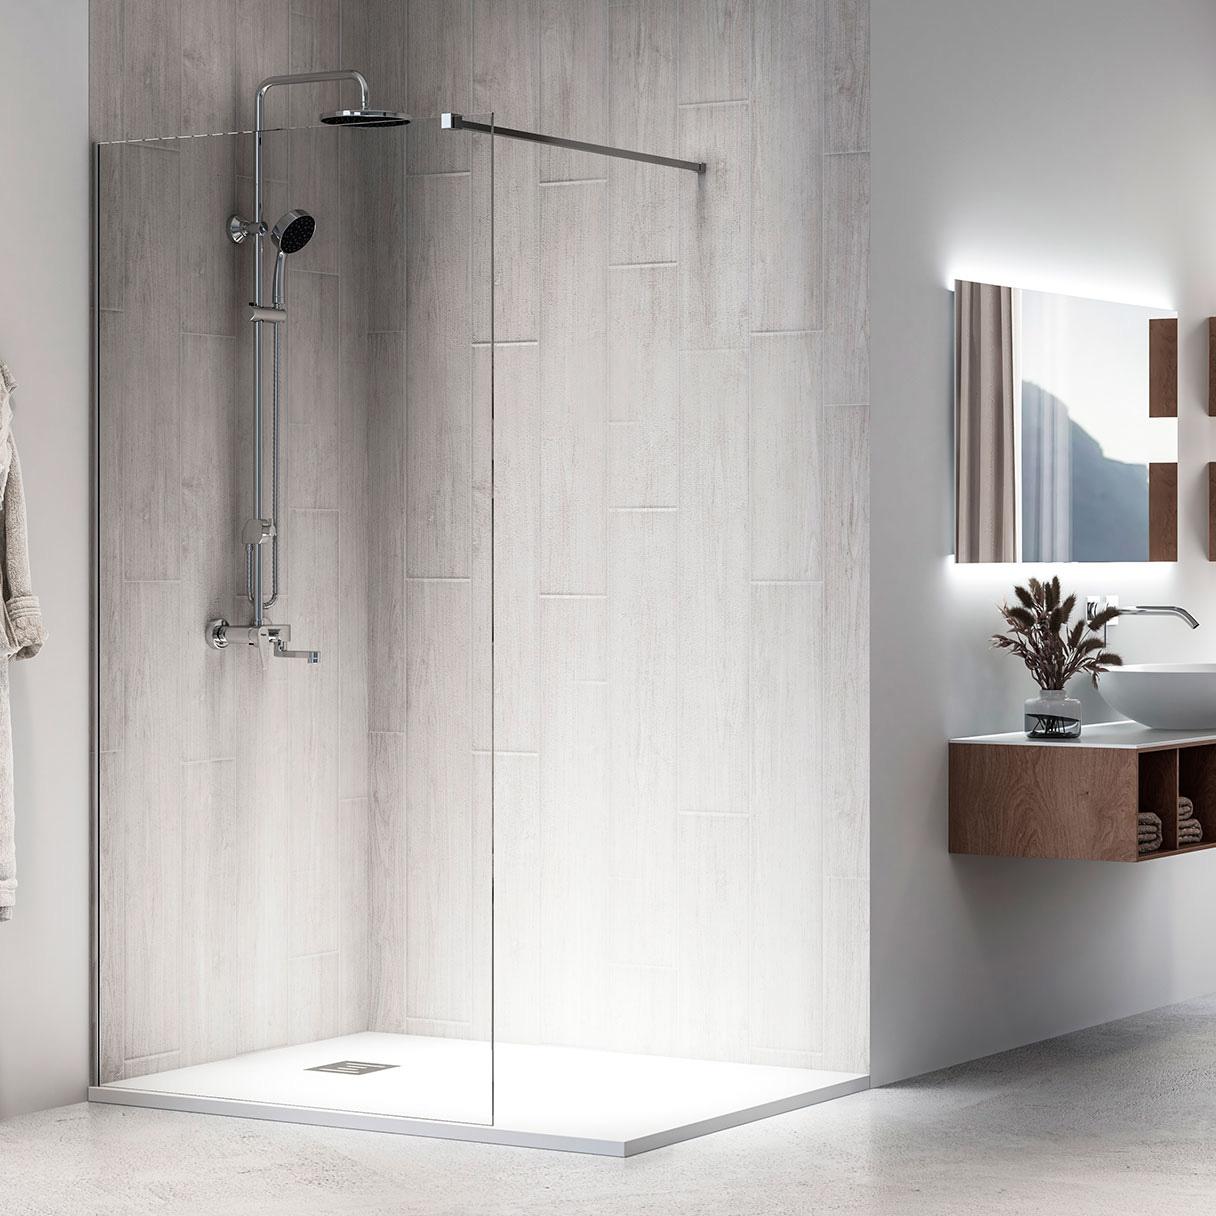 Walk-in I10 Parete fissa su misura per doccia